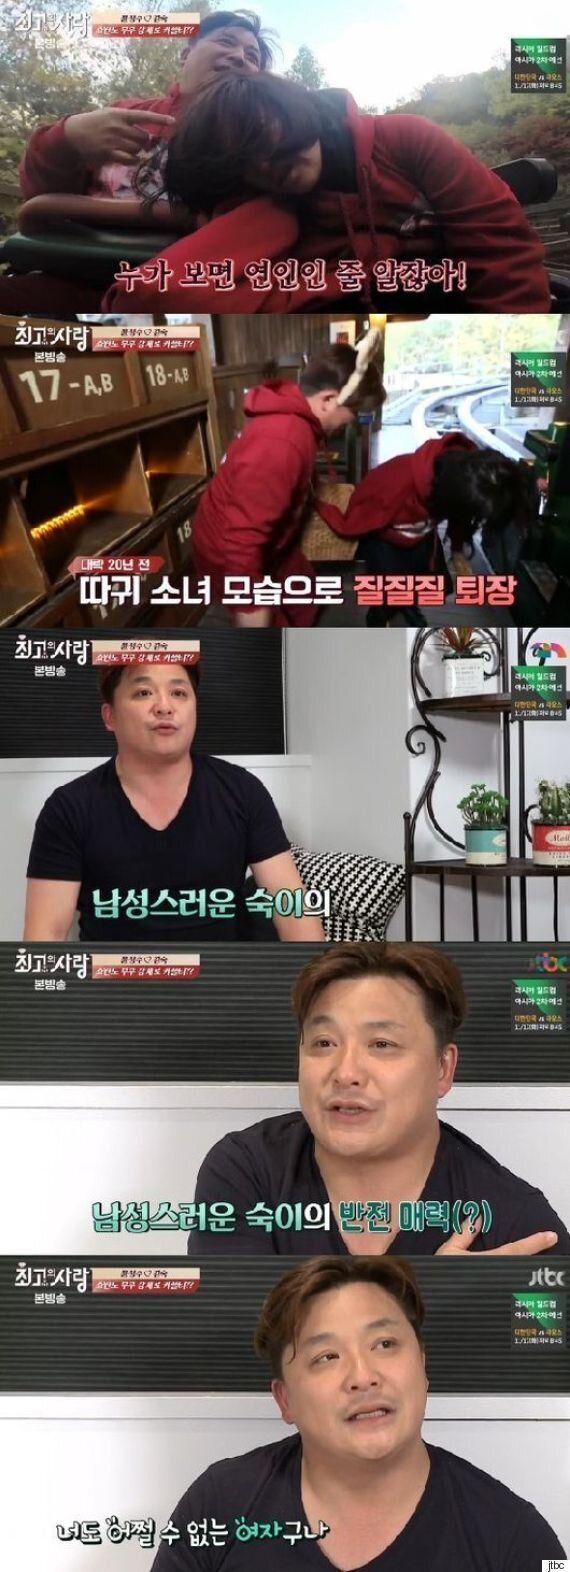 '님과함께' 김숙-윤정수 사랑의 순간들